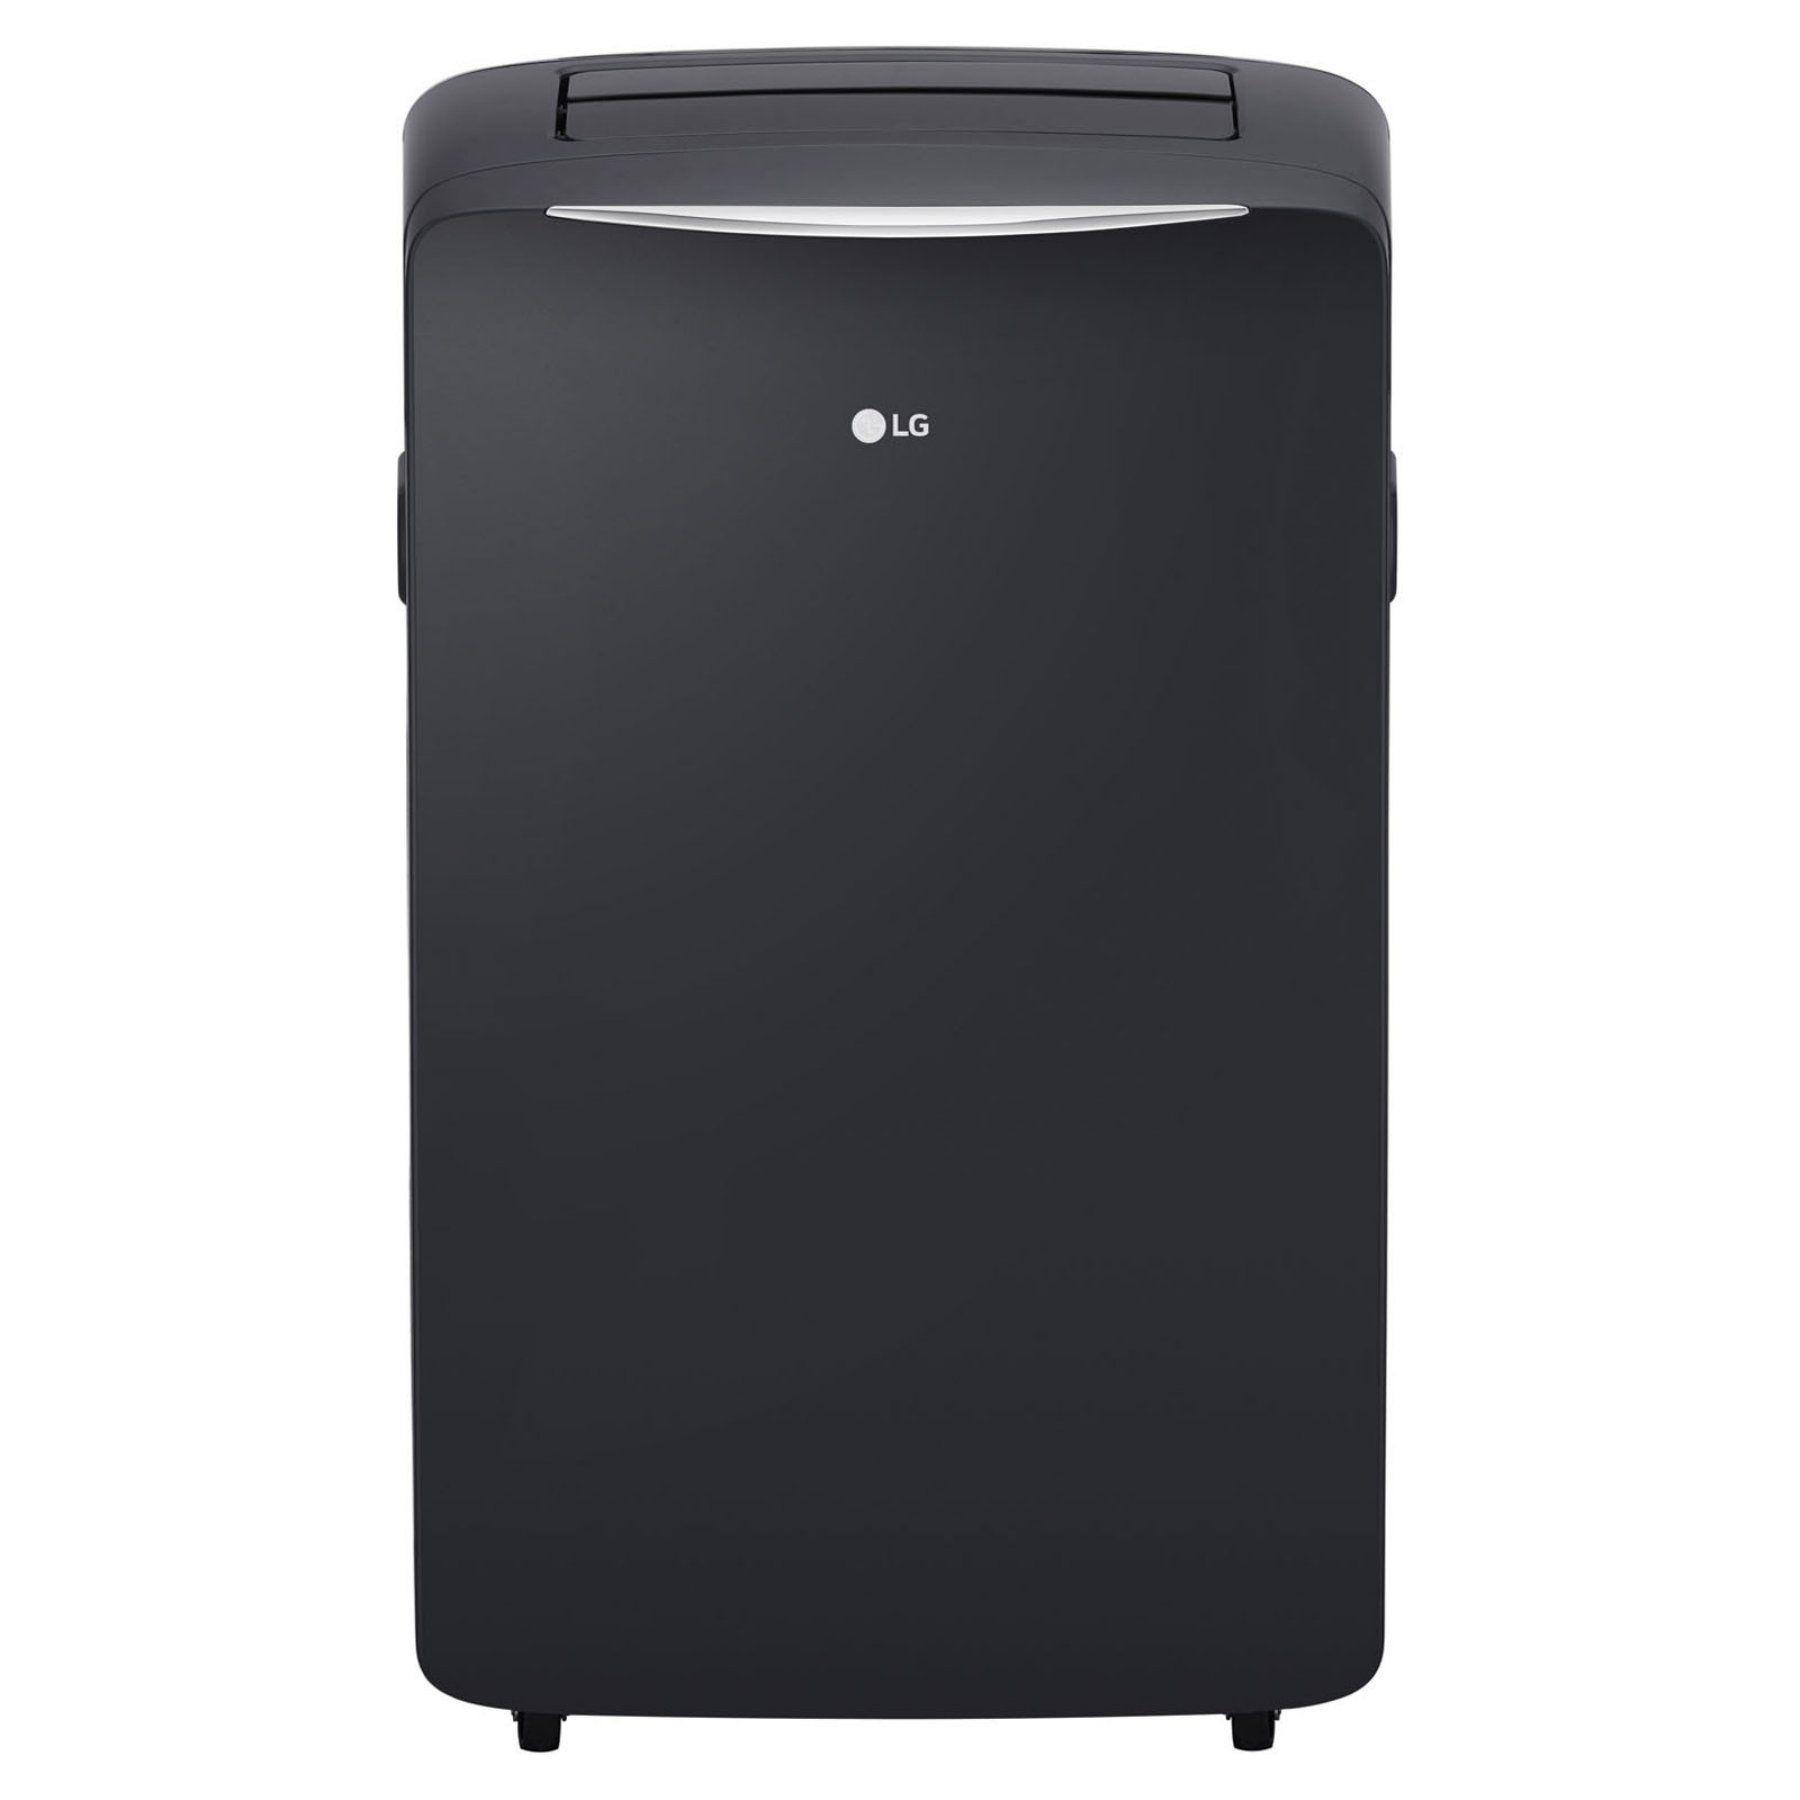 Lg 14000 Btu 115v Portable Air Conditioner With Remote Control Lp1417gsr With Images Portable Air Conditioner Portable Air Conditioners Window Air Conditioner